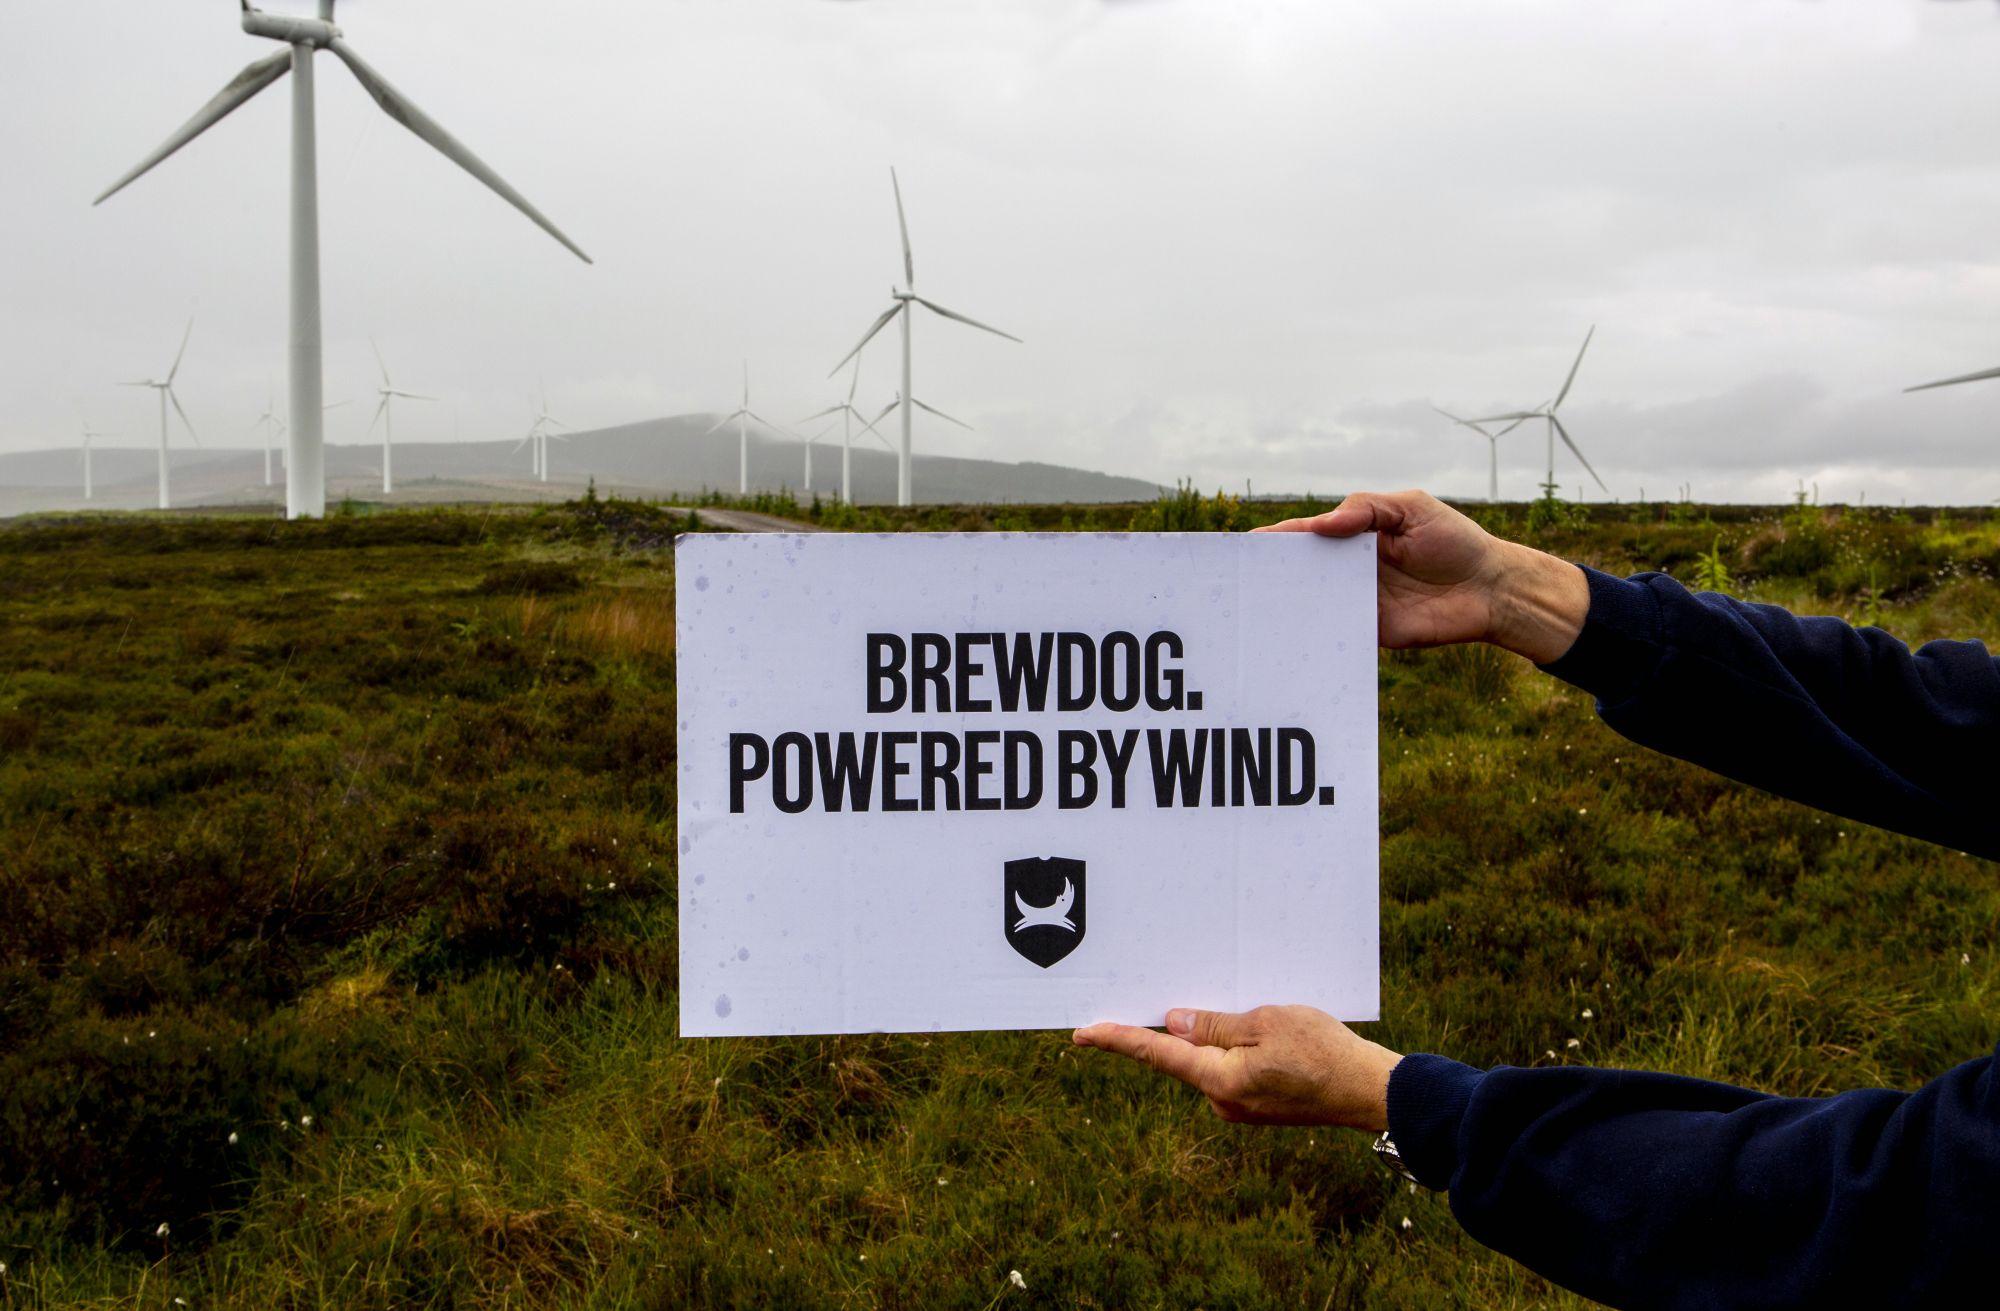 BrewDogTomorrowWindPower